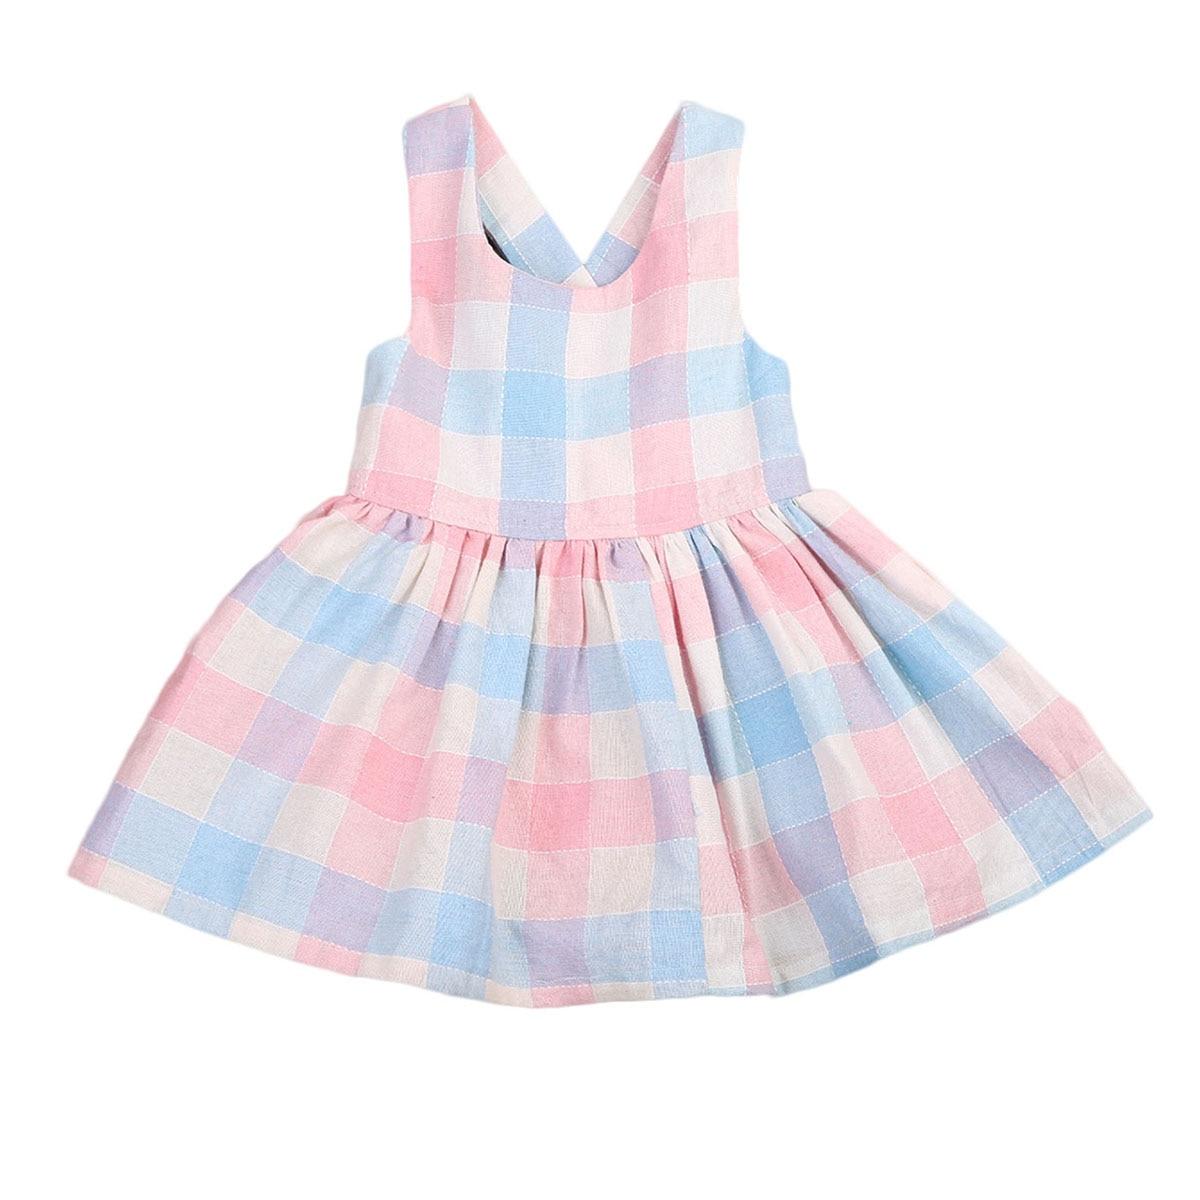 Cute Plaid Dress Toddler Baby Girls Cotton Kids Summer